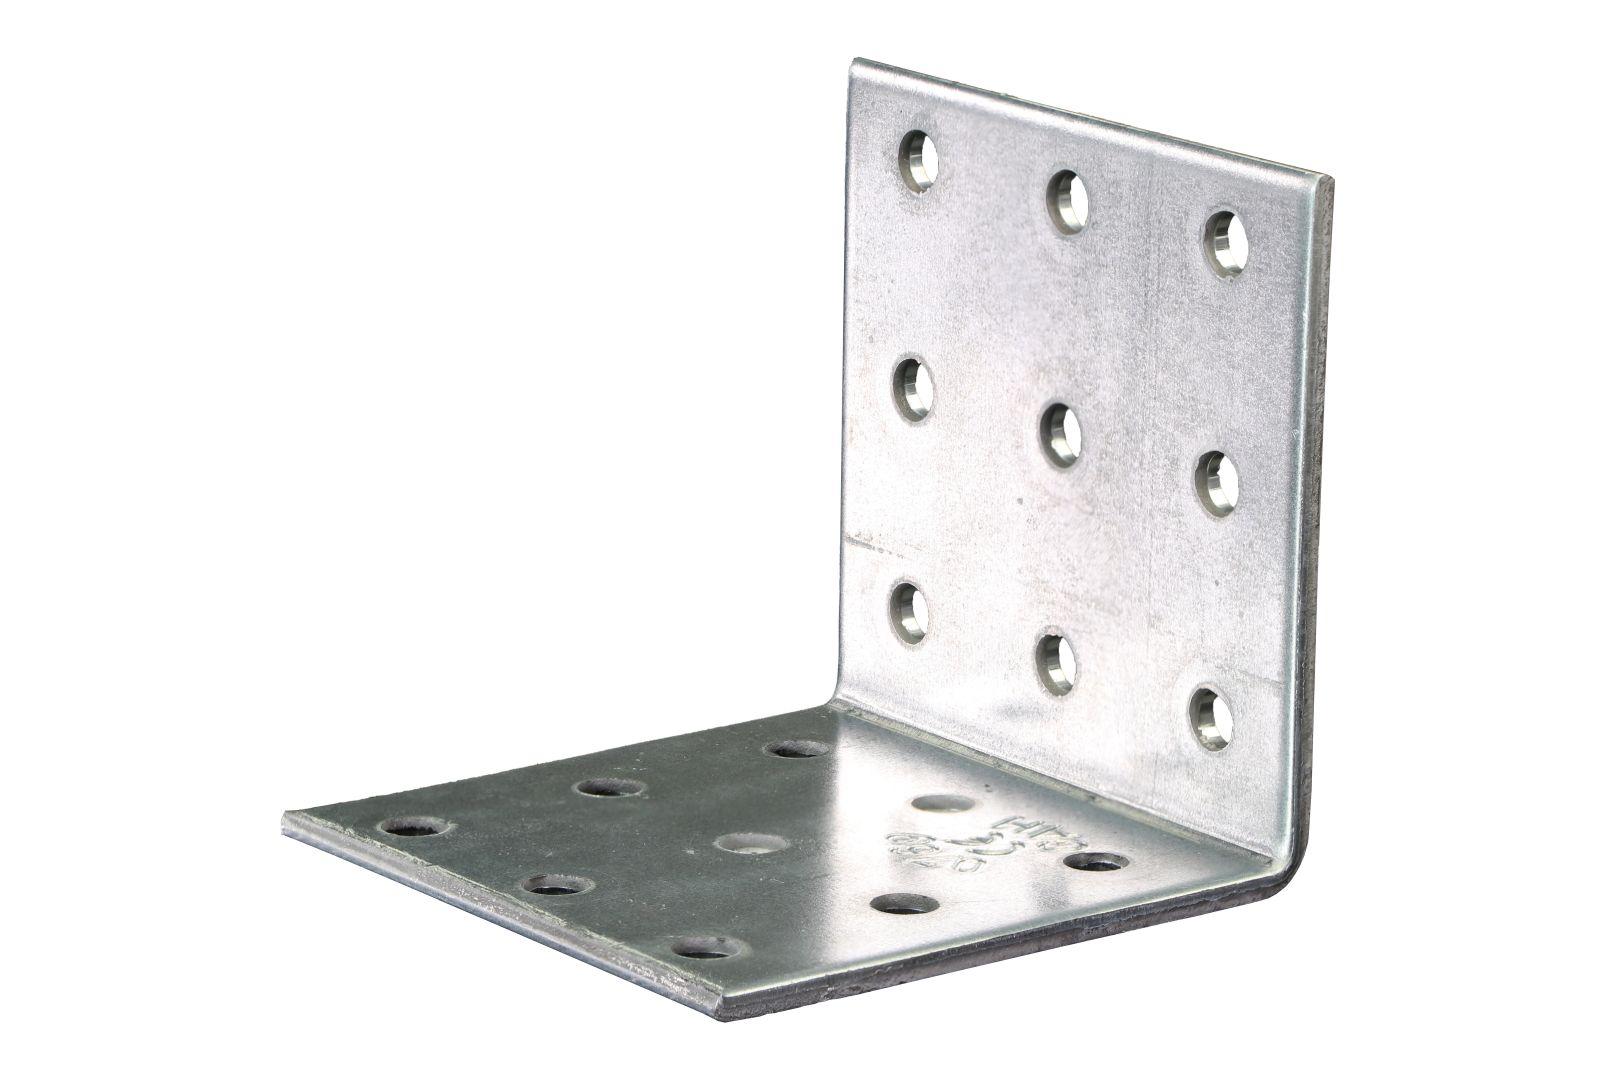 GAH Lochplattenwinkel, Winkelverbinder, sendzimirverzinkt, 60 x 60 x 60 mm, Stärke: 2,5 mm